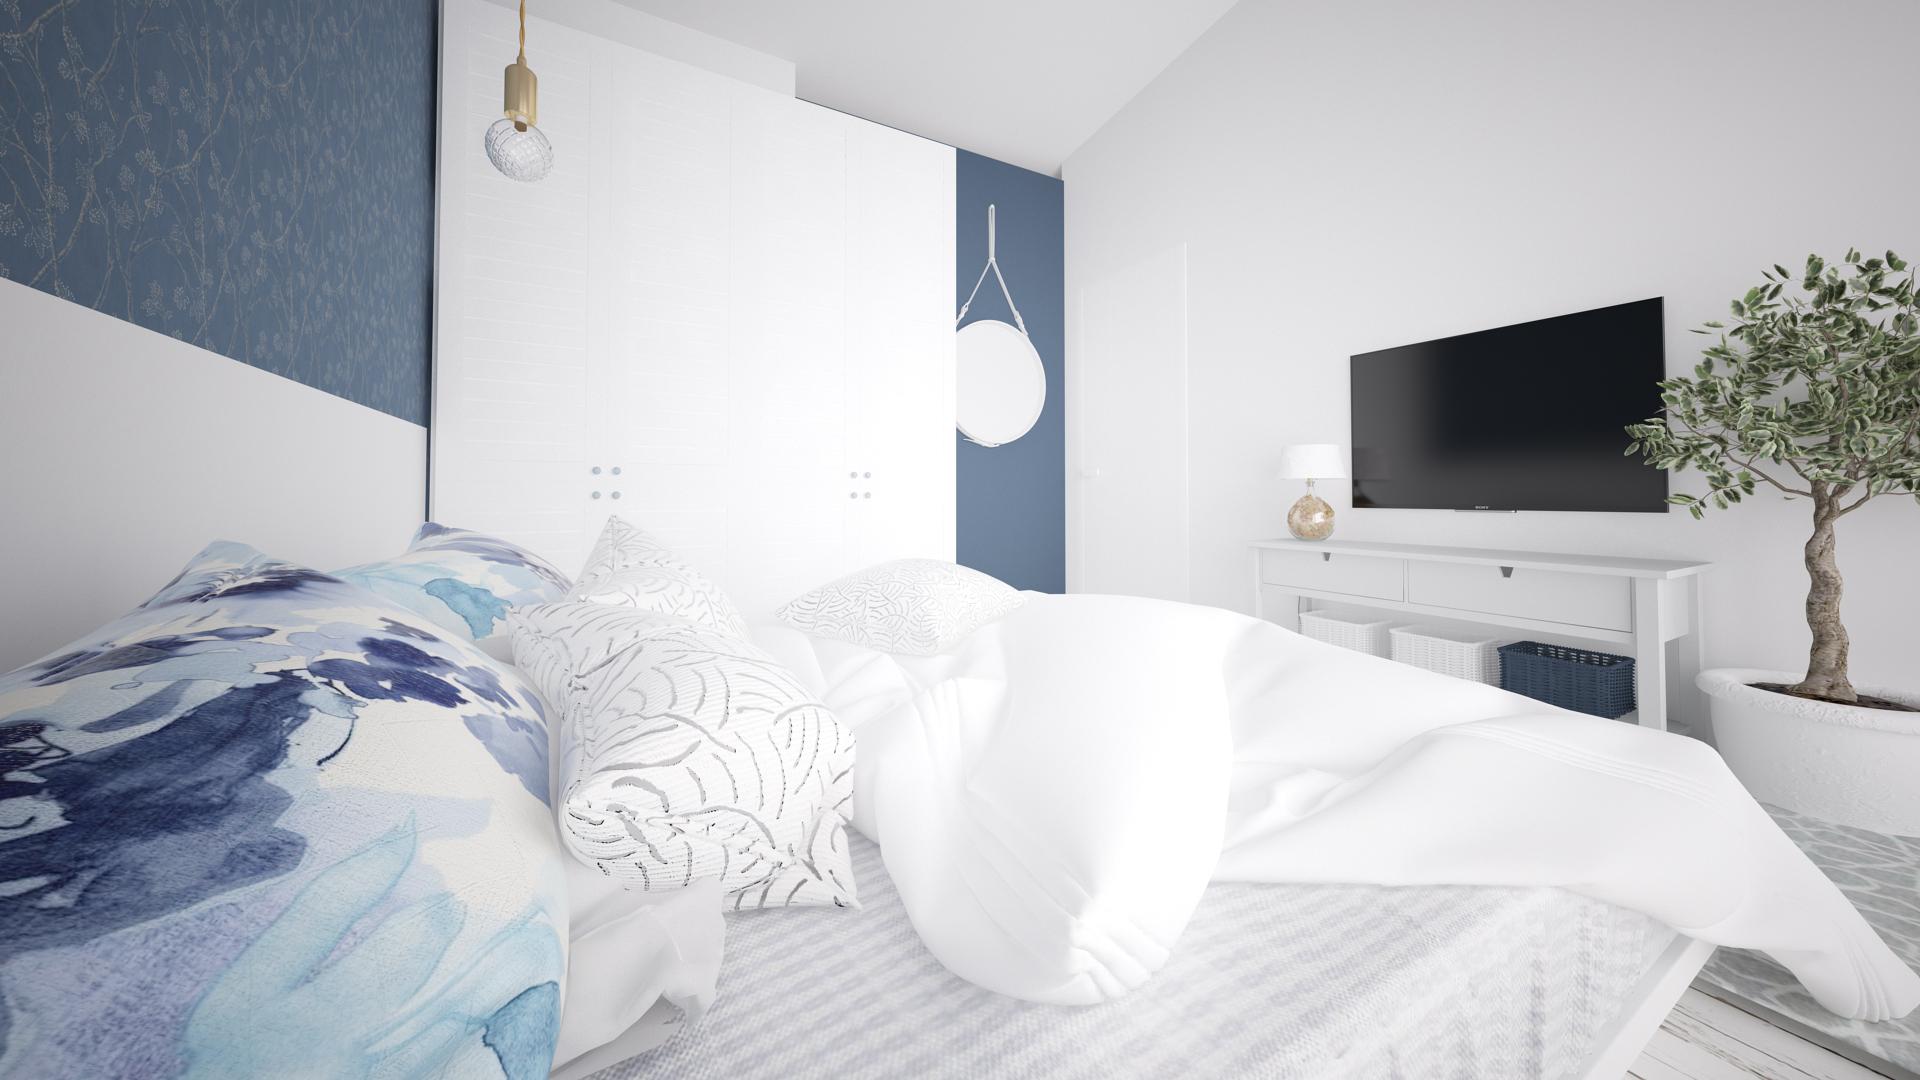 etaj-dormitor-3-2